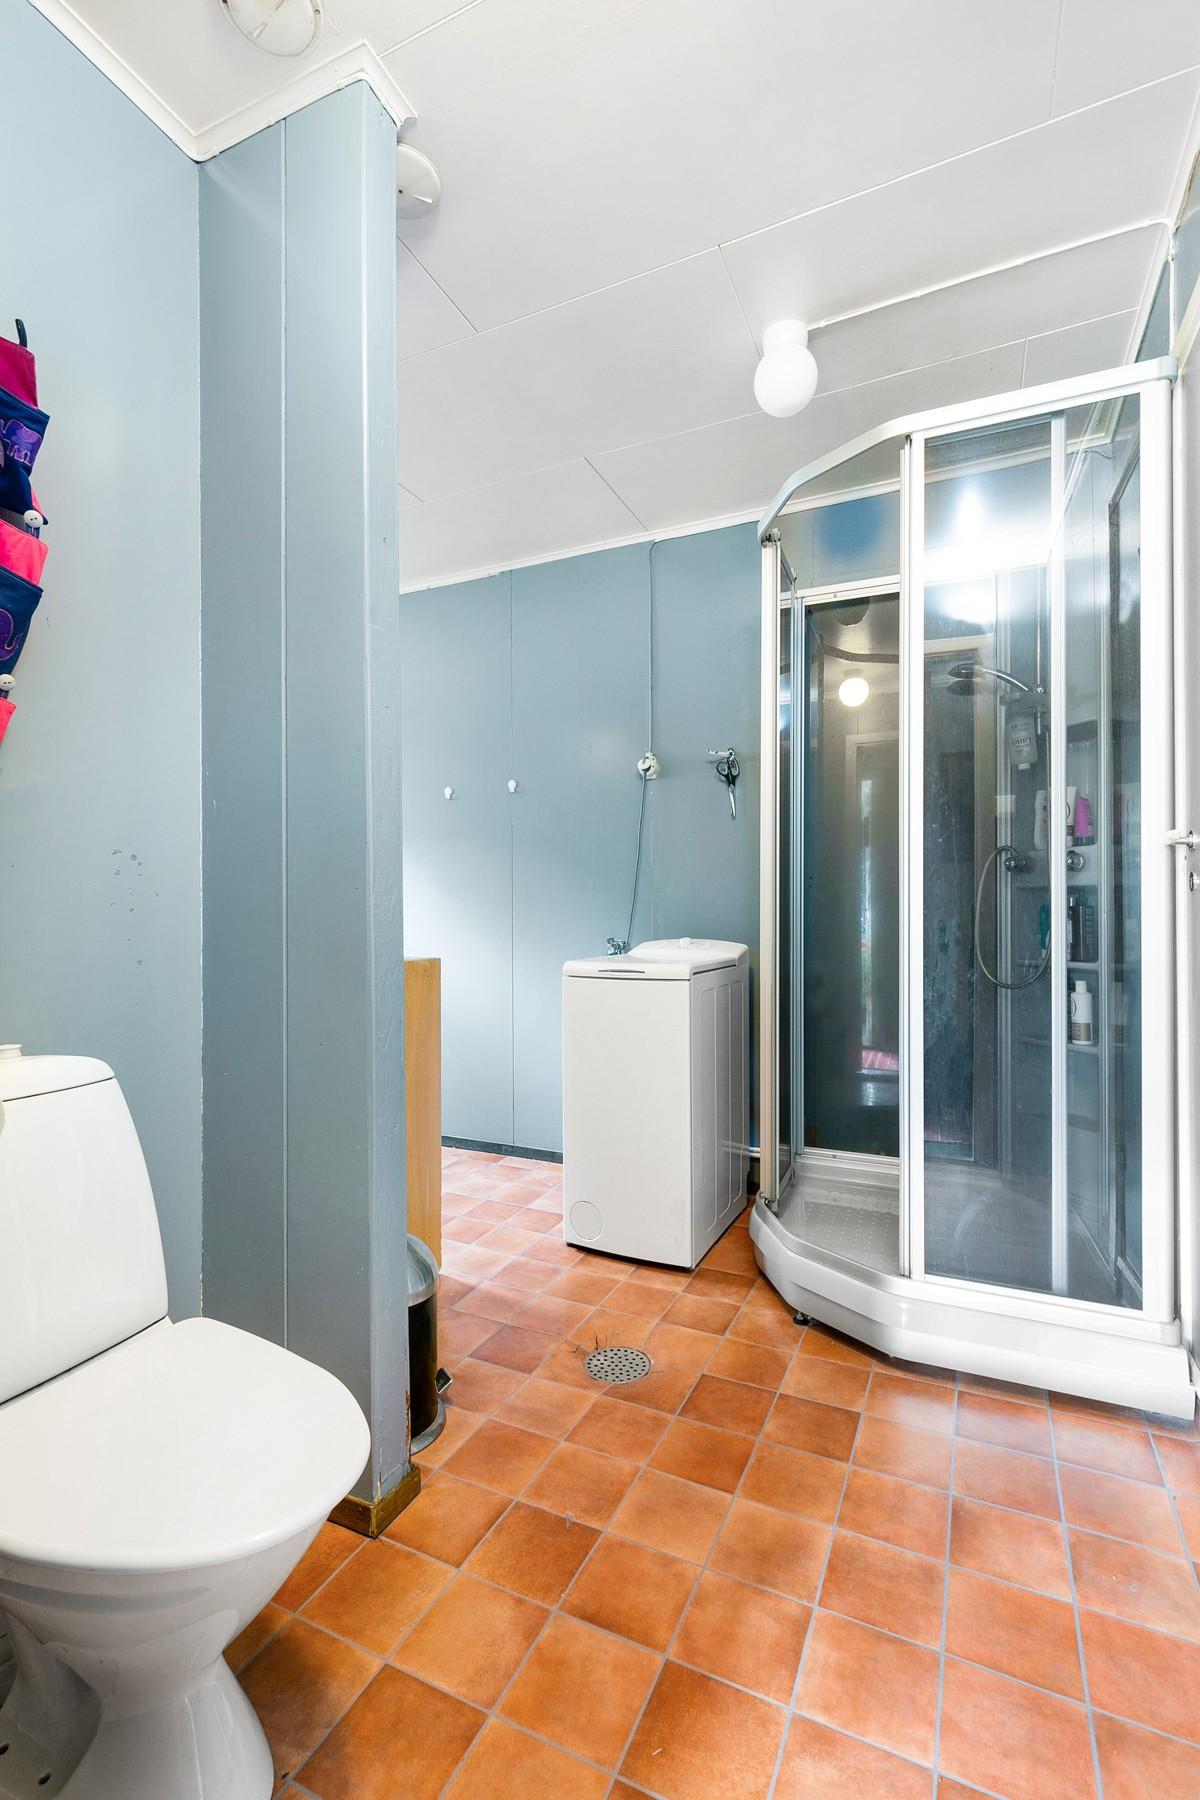 Bad er innredet med dusjkabinett (ny i 2013), wc, servant og opplegg for vaskemaskin